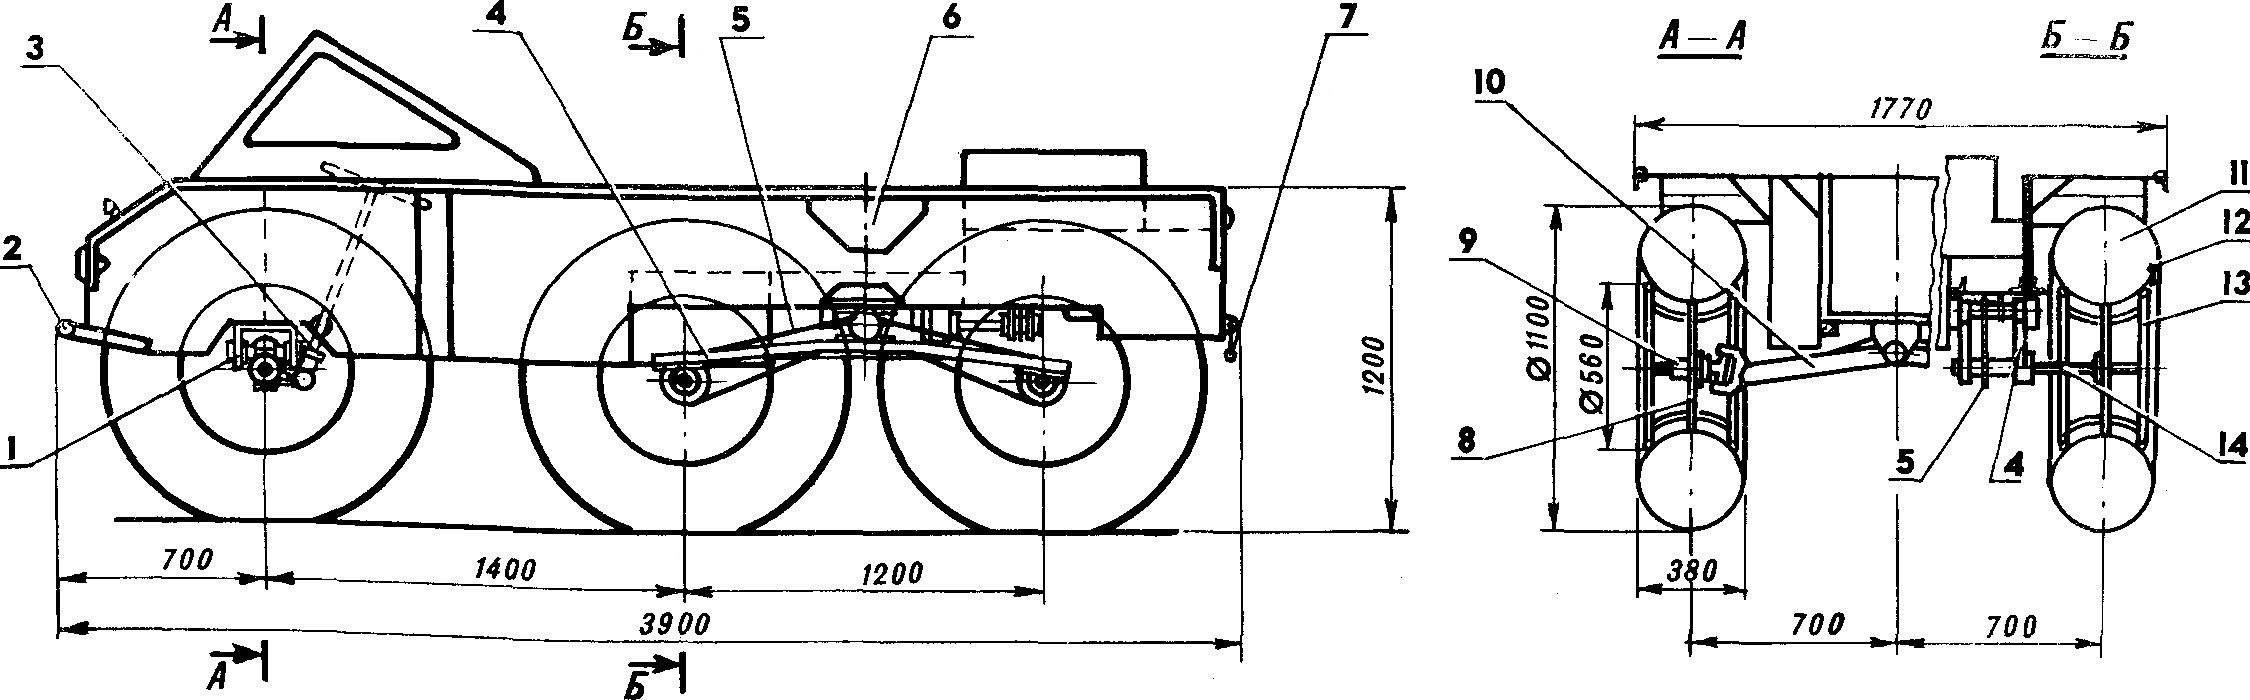 Рис. 1. Трехосный вездеход на пневматиках низкого давления конструкции Г. Видякина.